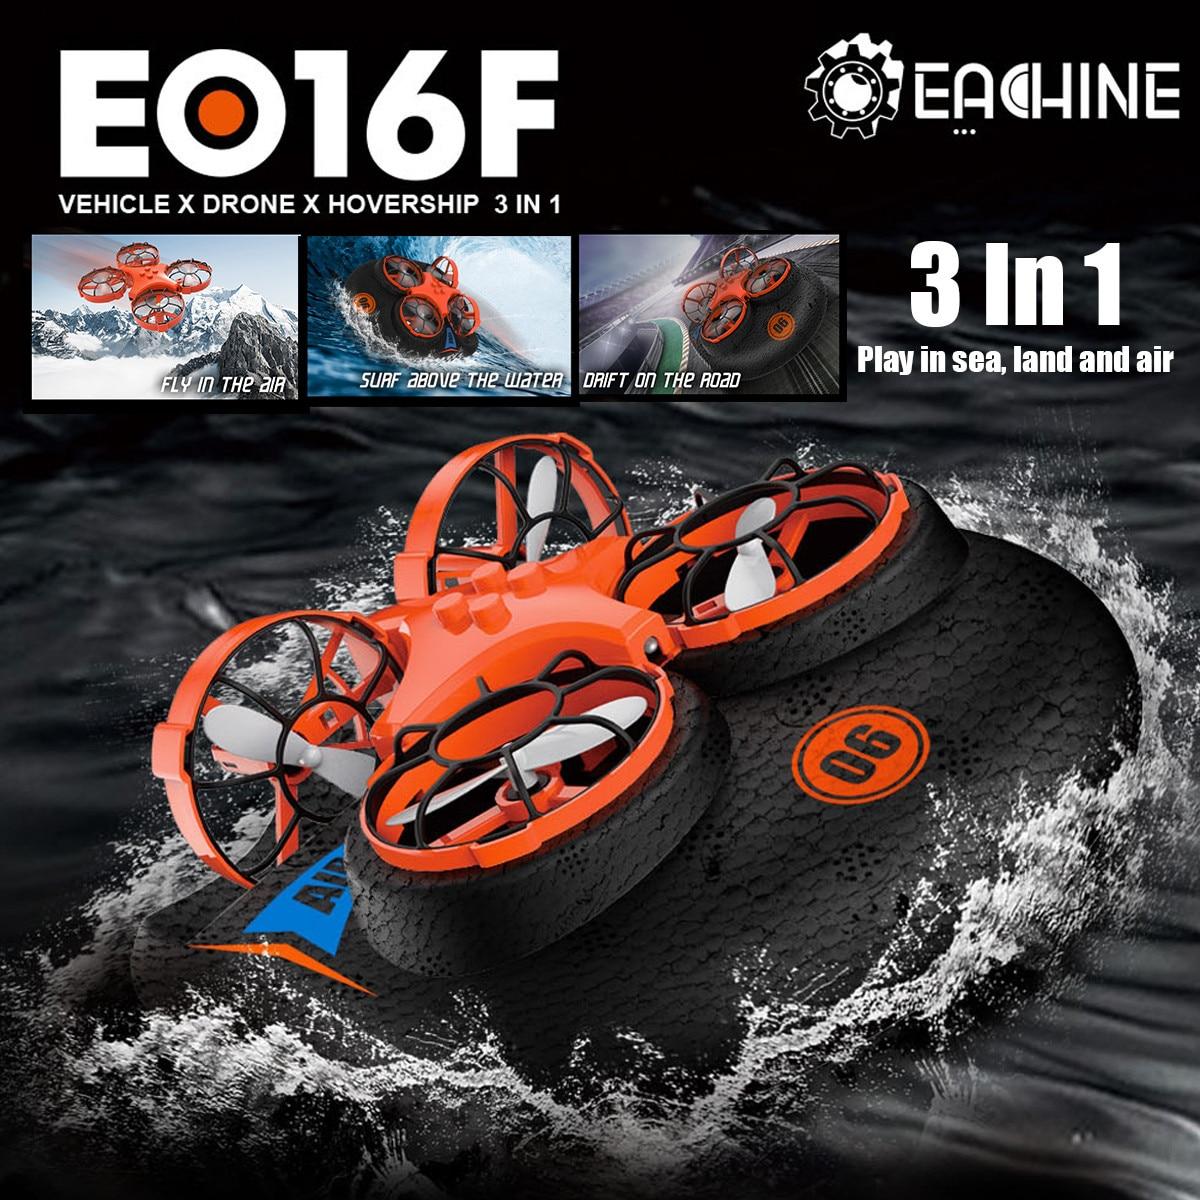 Eachine E016F 3-в-1 EPP Летающая воздушная лодка режим вождения земли съемный Радиоуправляемый Дрон Квадрокоптер для ребенка подарок